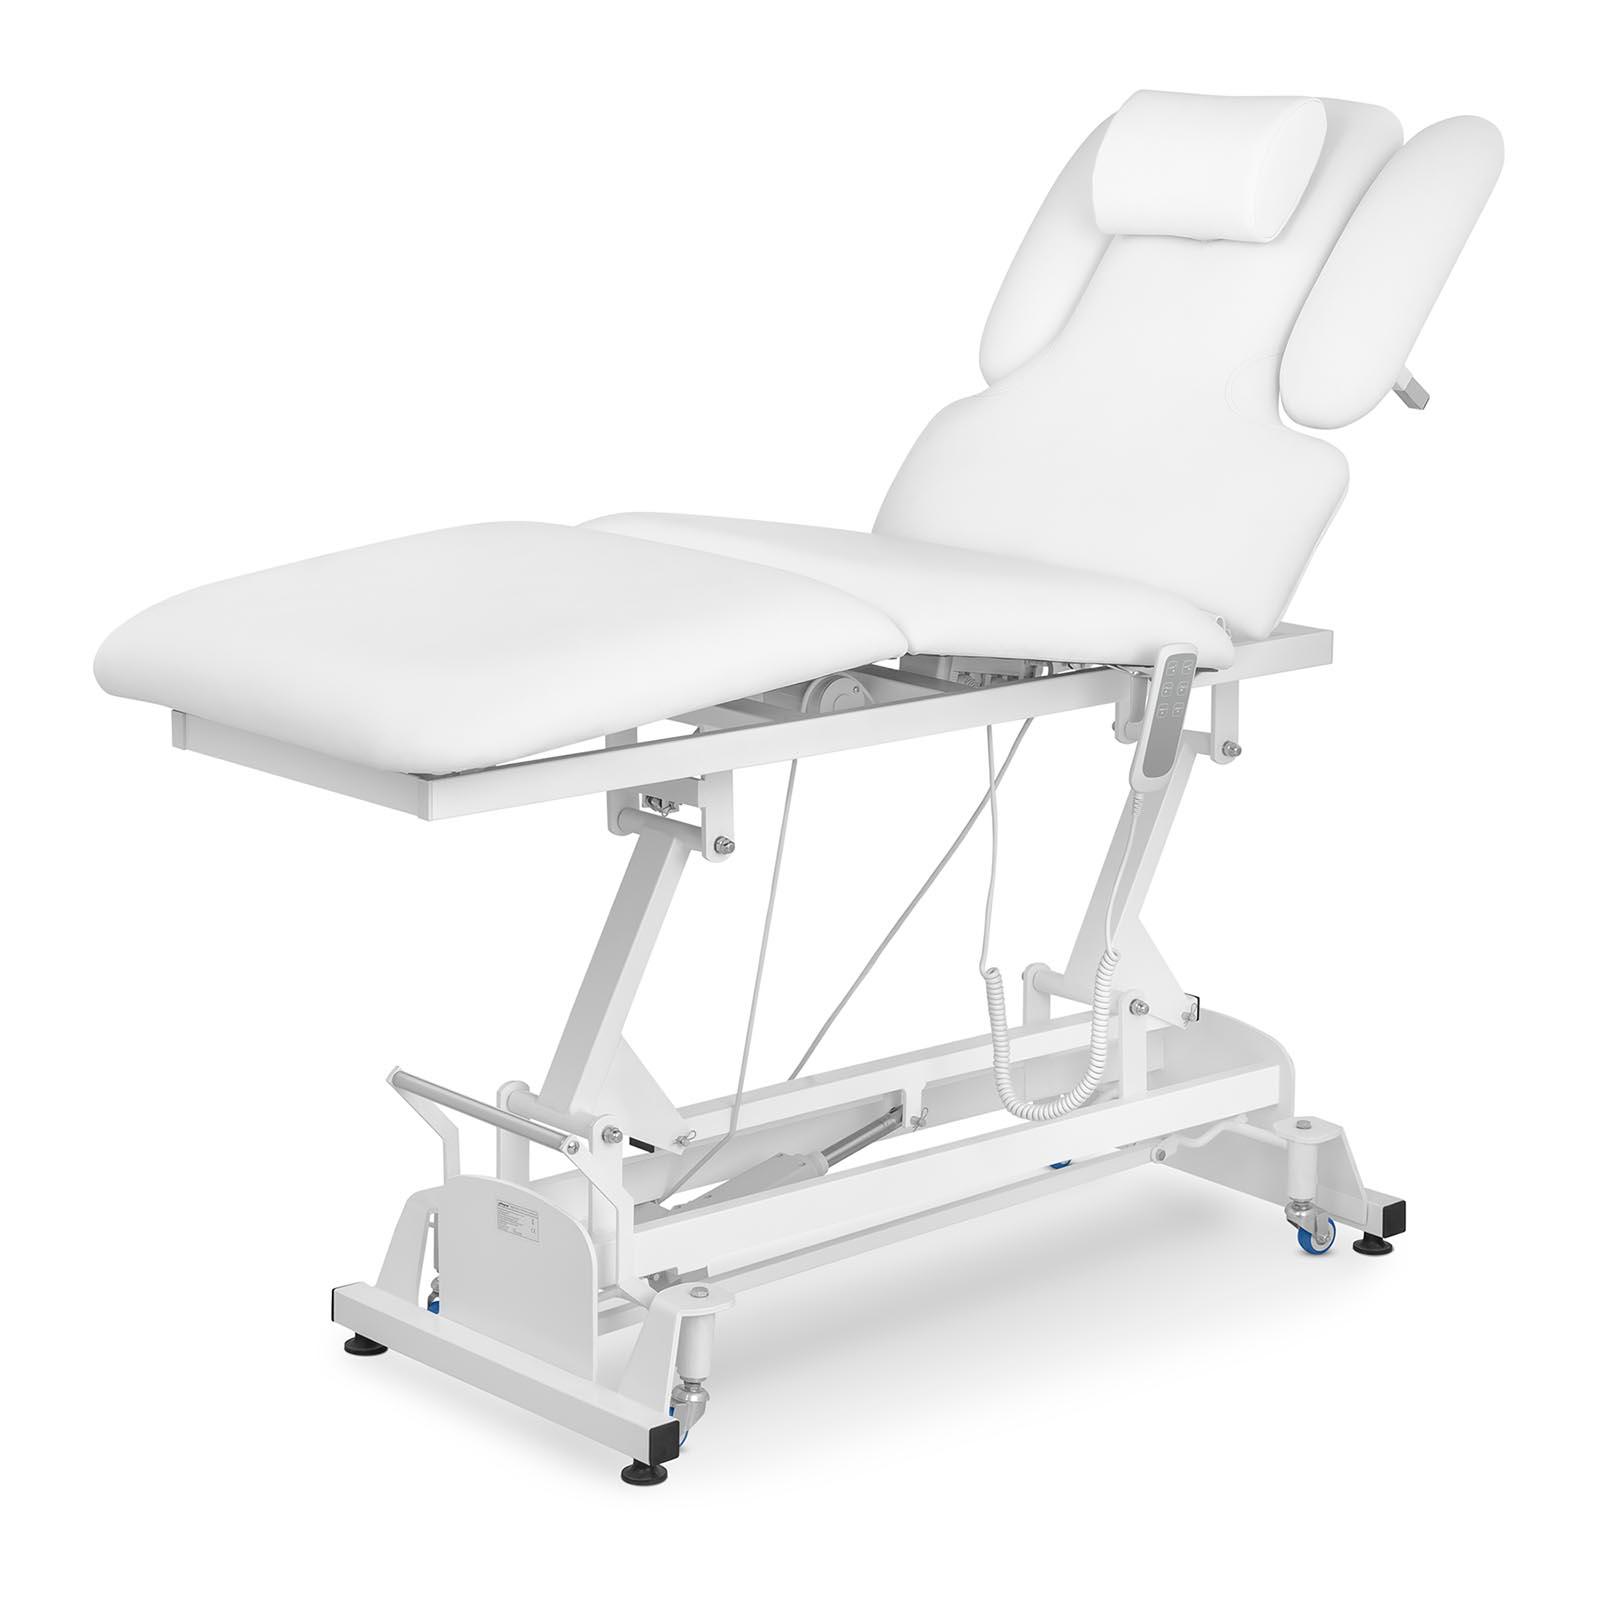 Łóżko kosmetyczne Physa Nantes White - białe